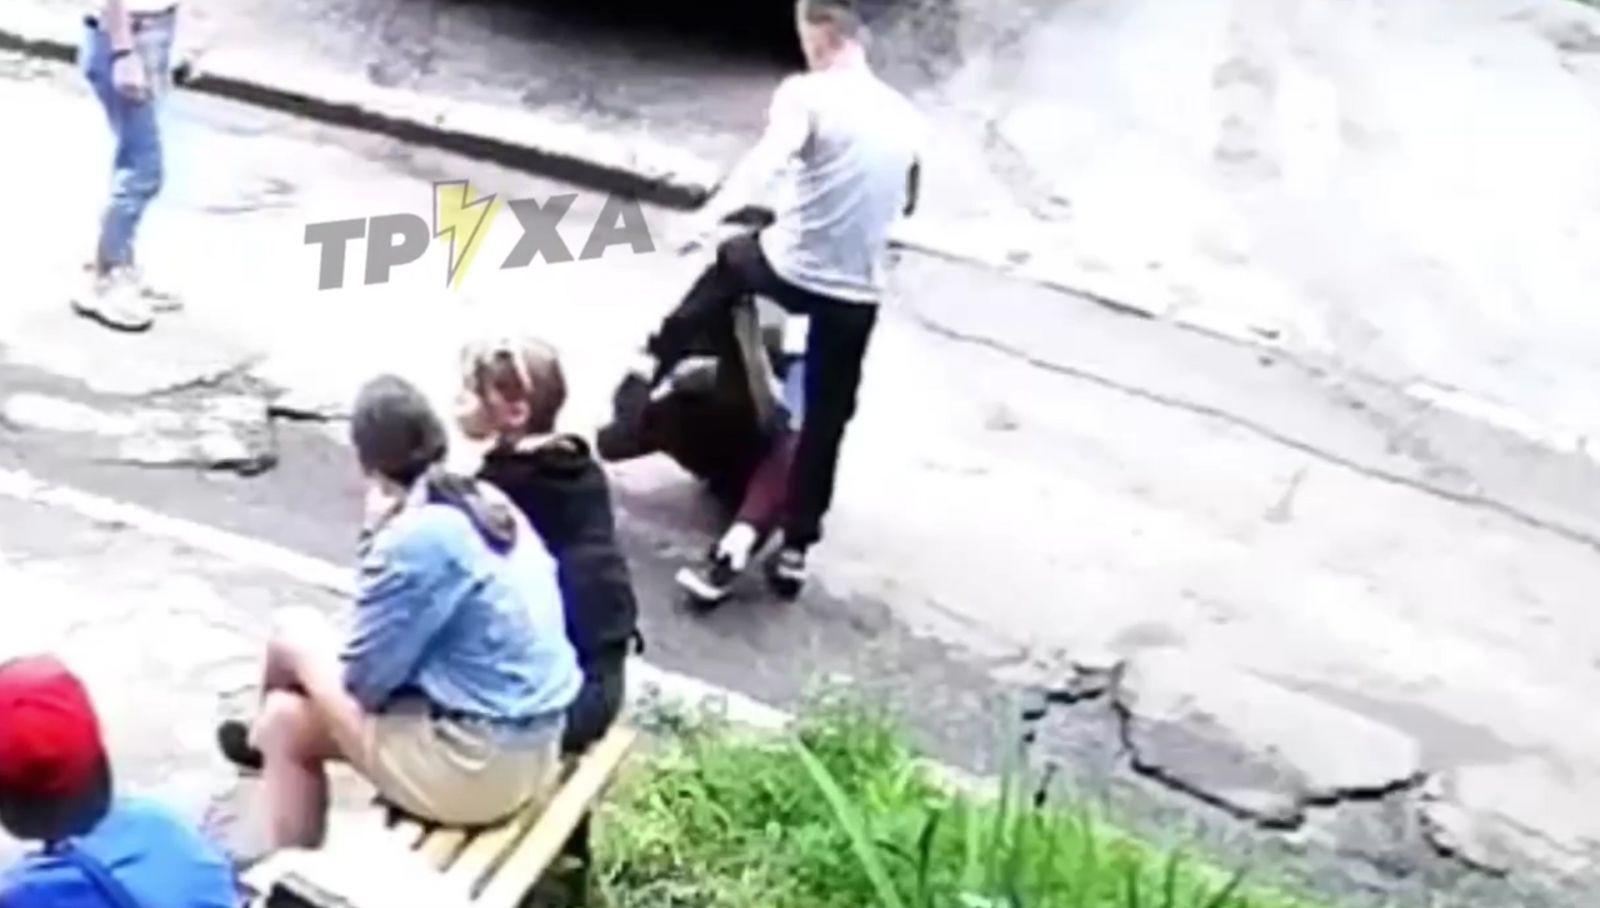 Полиция открыла уголовное на несовершеннолетнего, жестоко избившего девочку